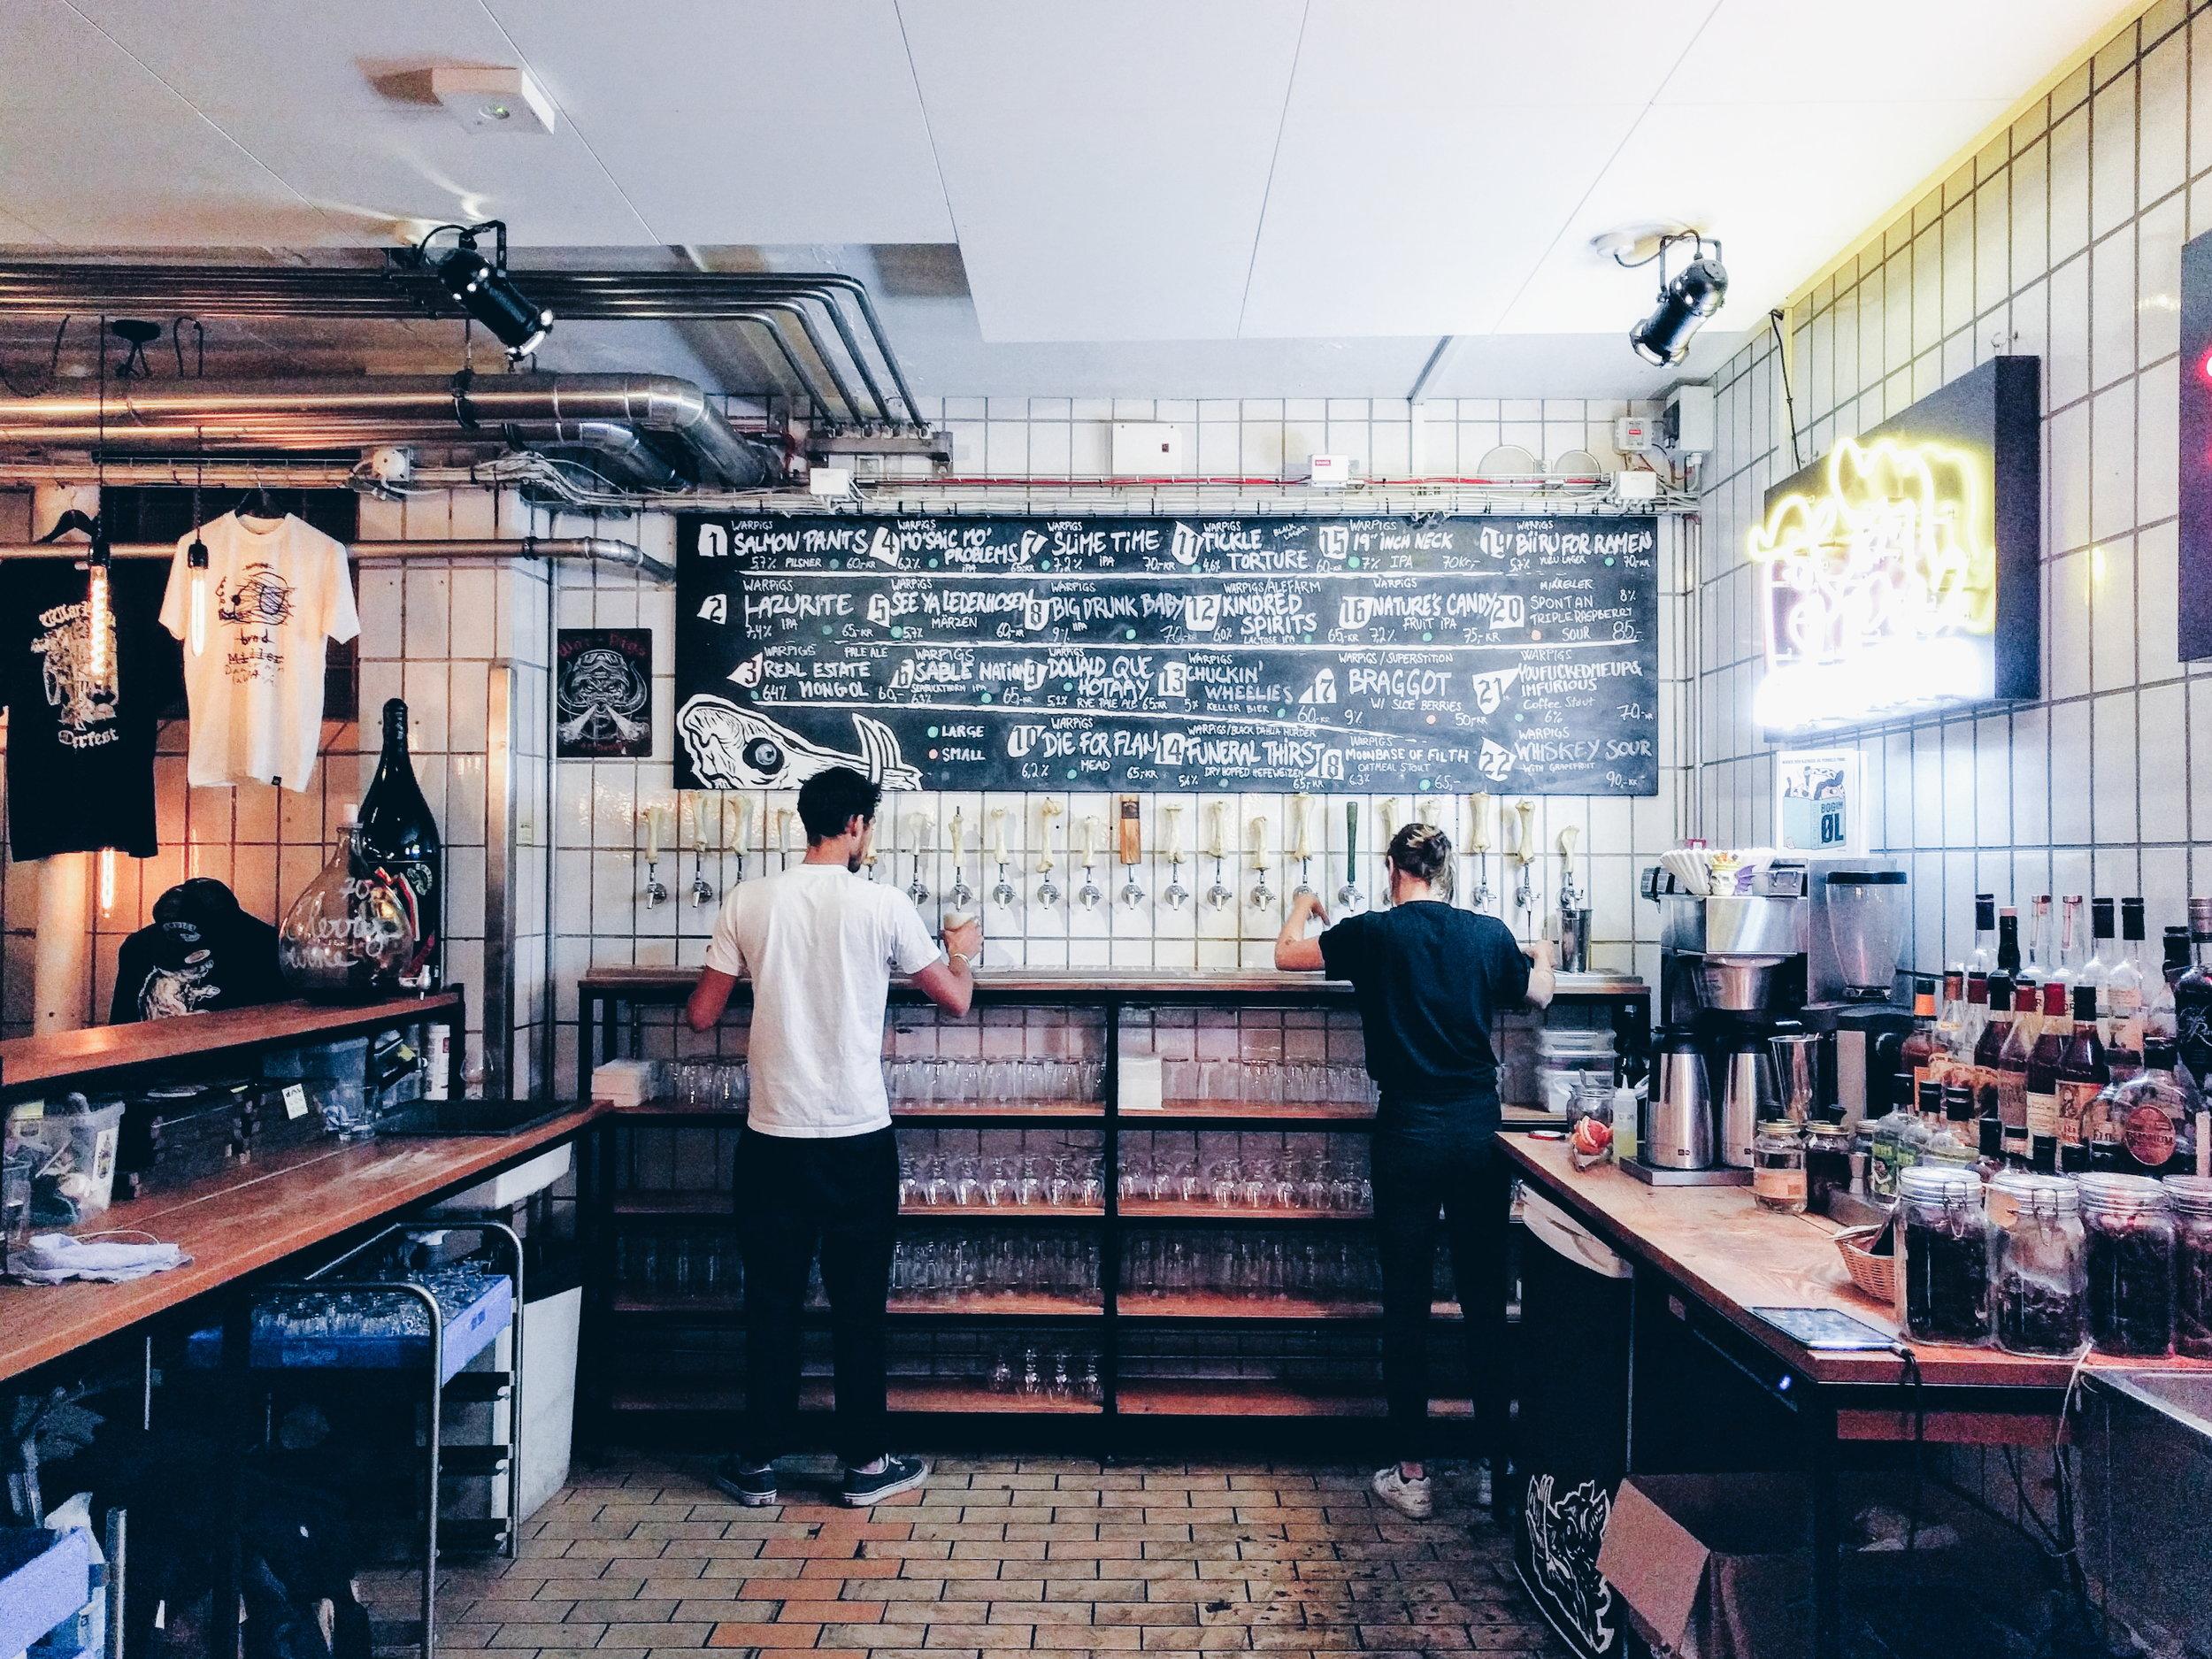 这里啤酒/鸡尾酒的价格和上海差不多,50 - 90 克朗的样子。尝到的都很新鲜。  肉也十分美味。